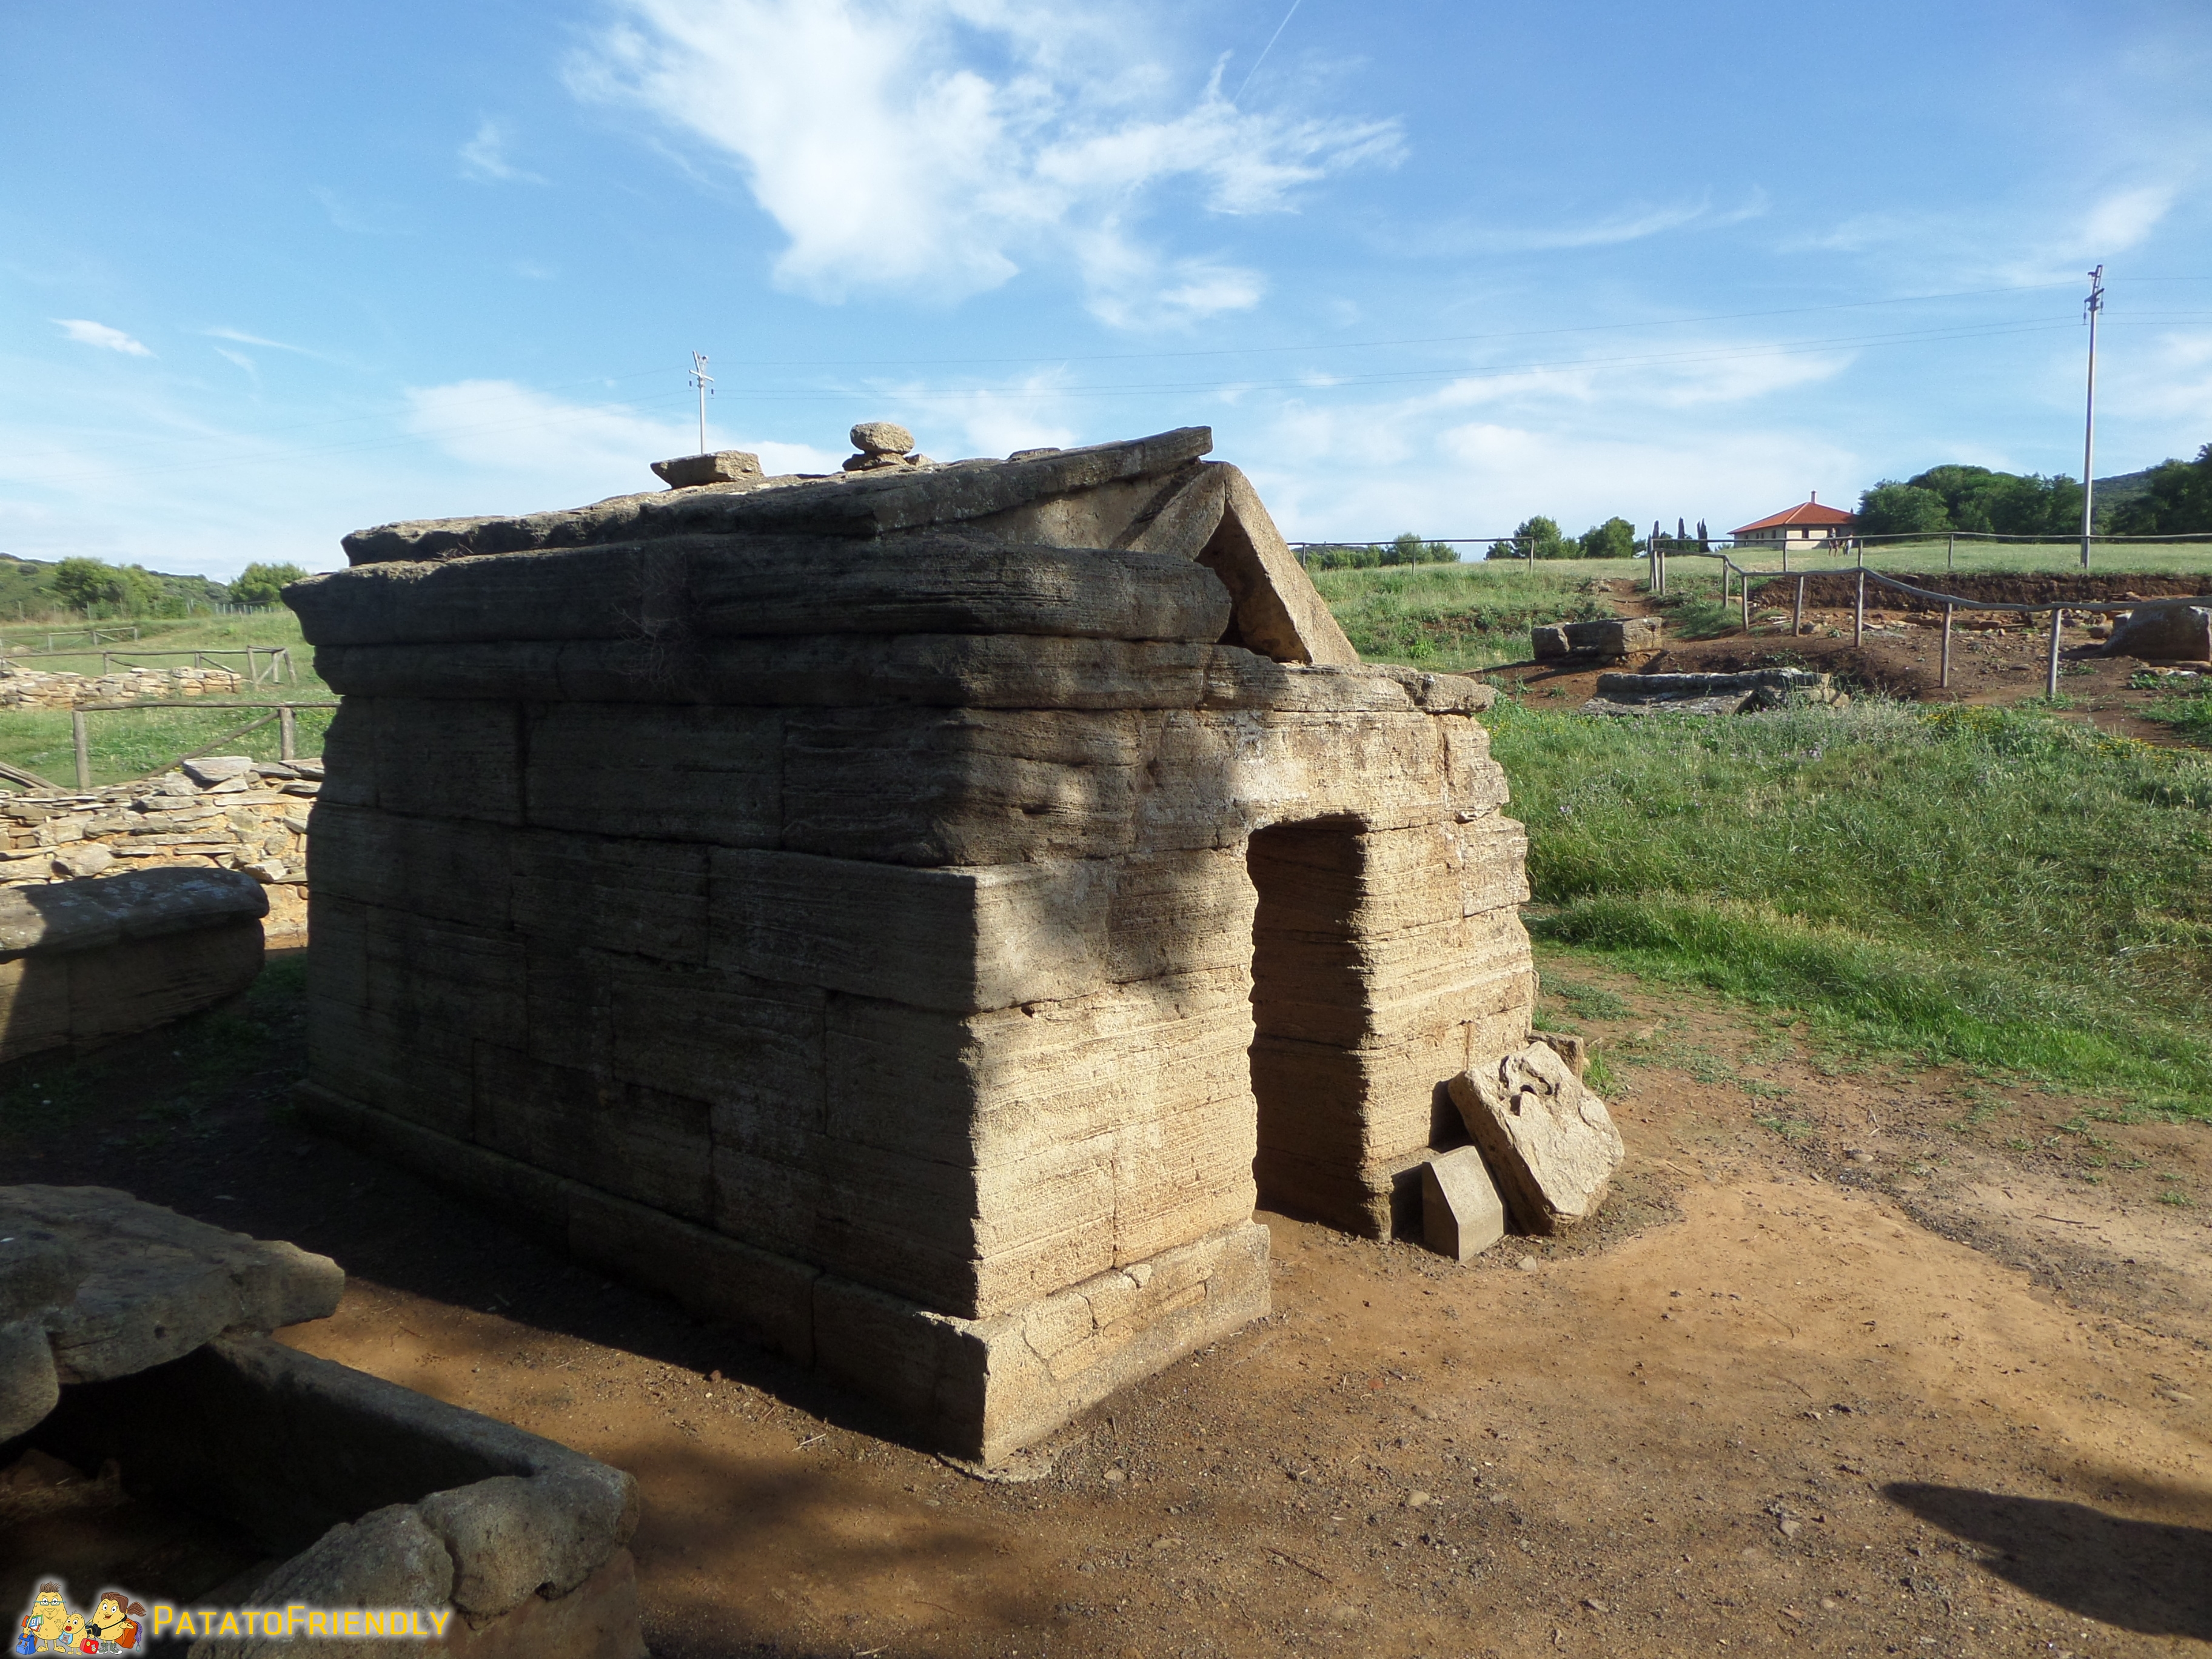 Il Parco Archeologico di Baratti e Populonia con una delle tombe etrusche meglio conservate